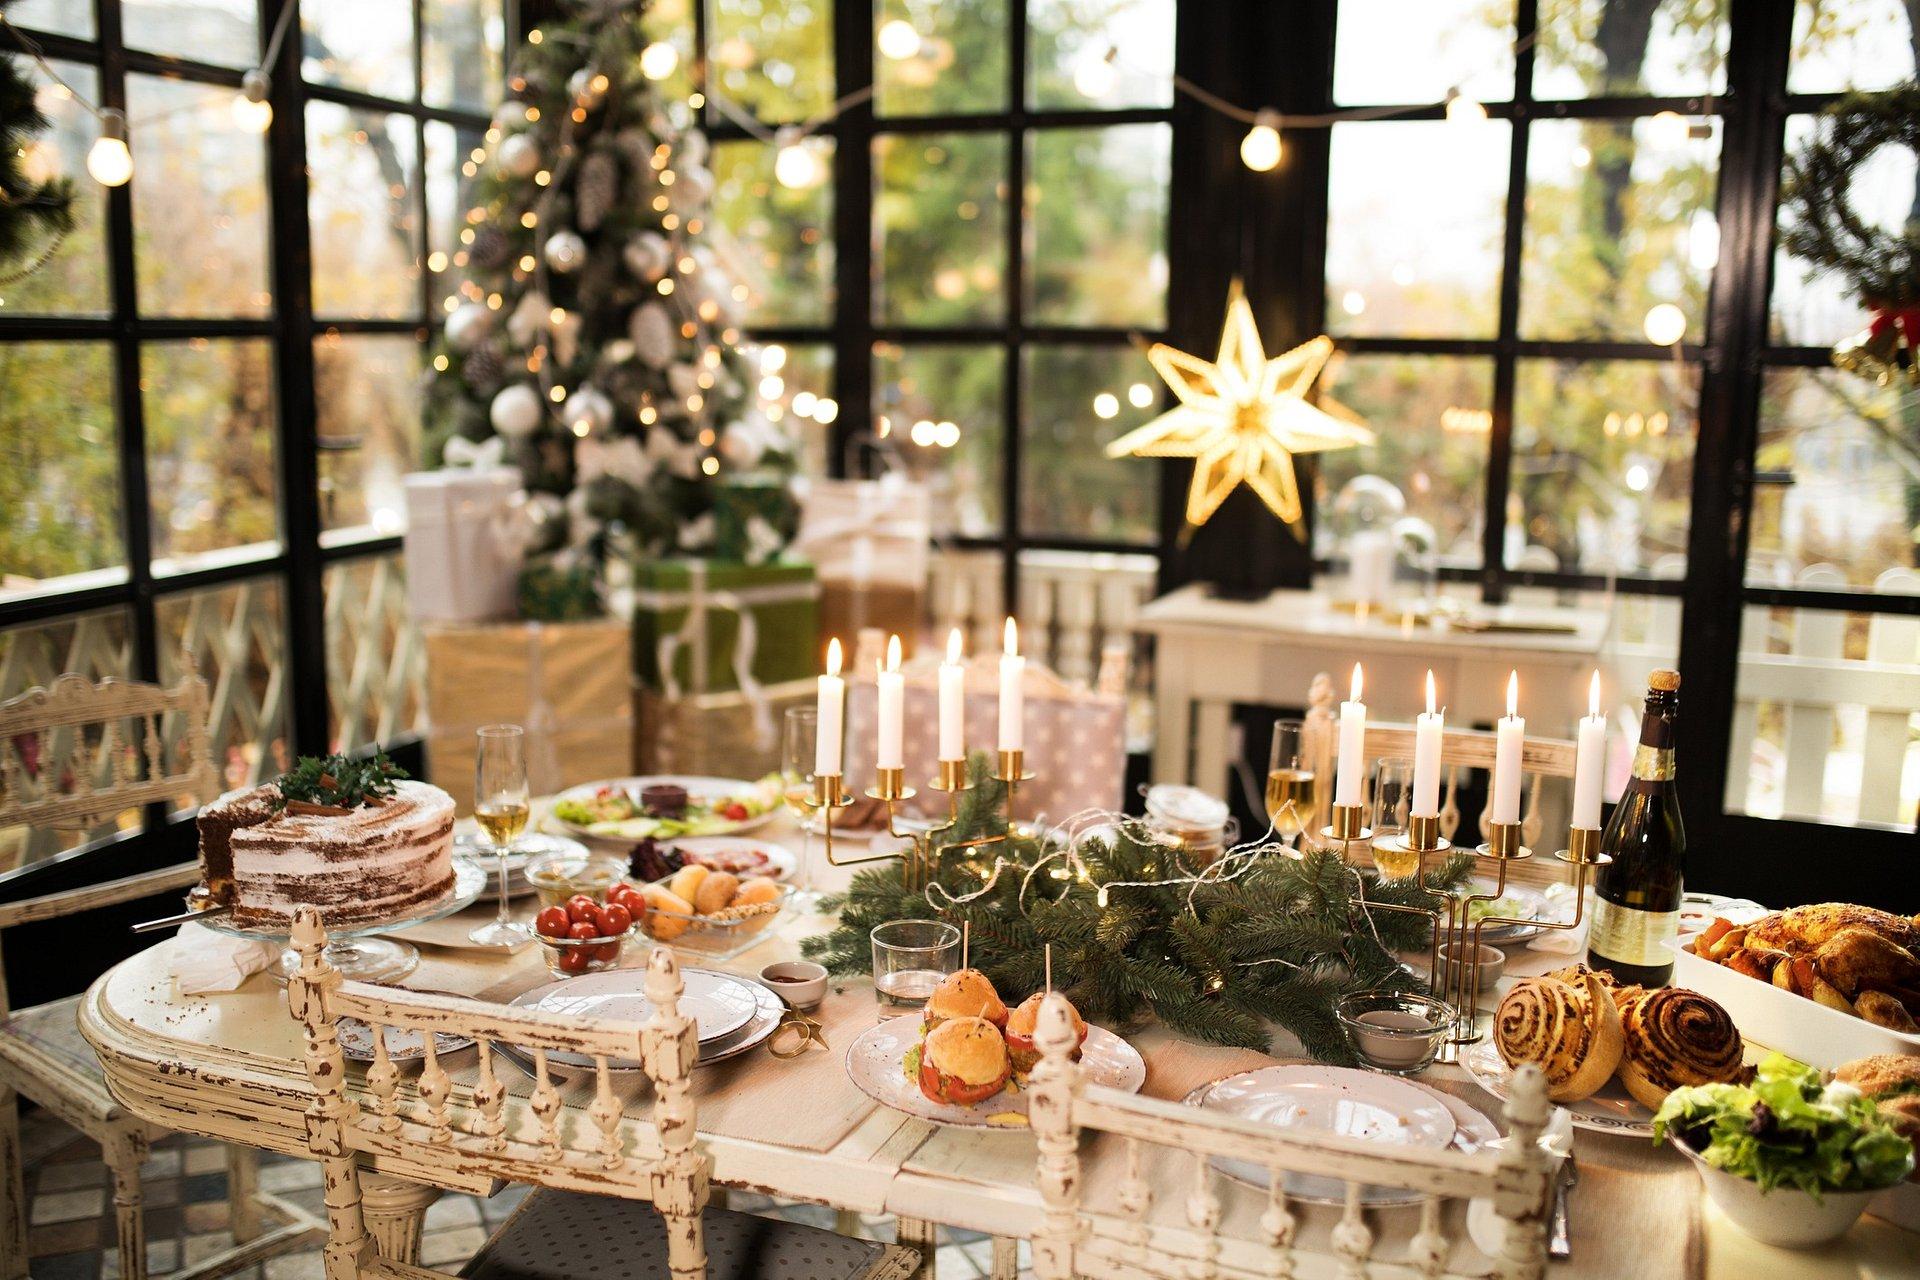 3 pomysły na idealny prezent - poradnik świąteczny